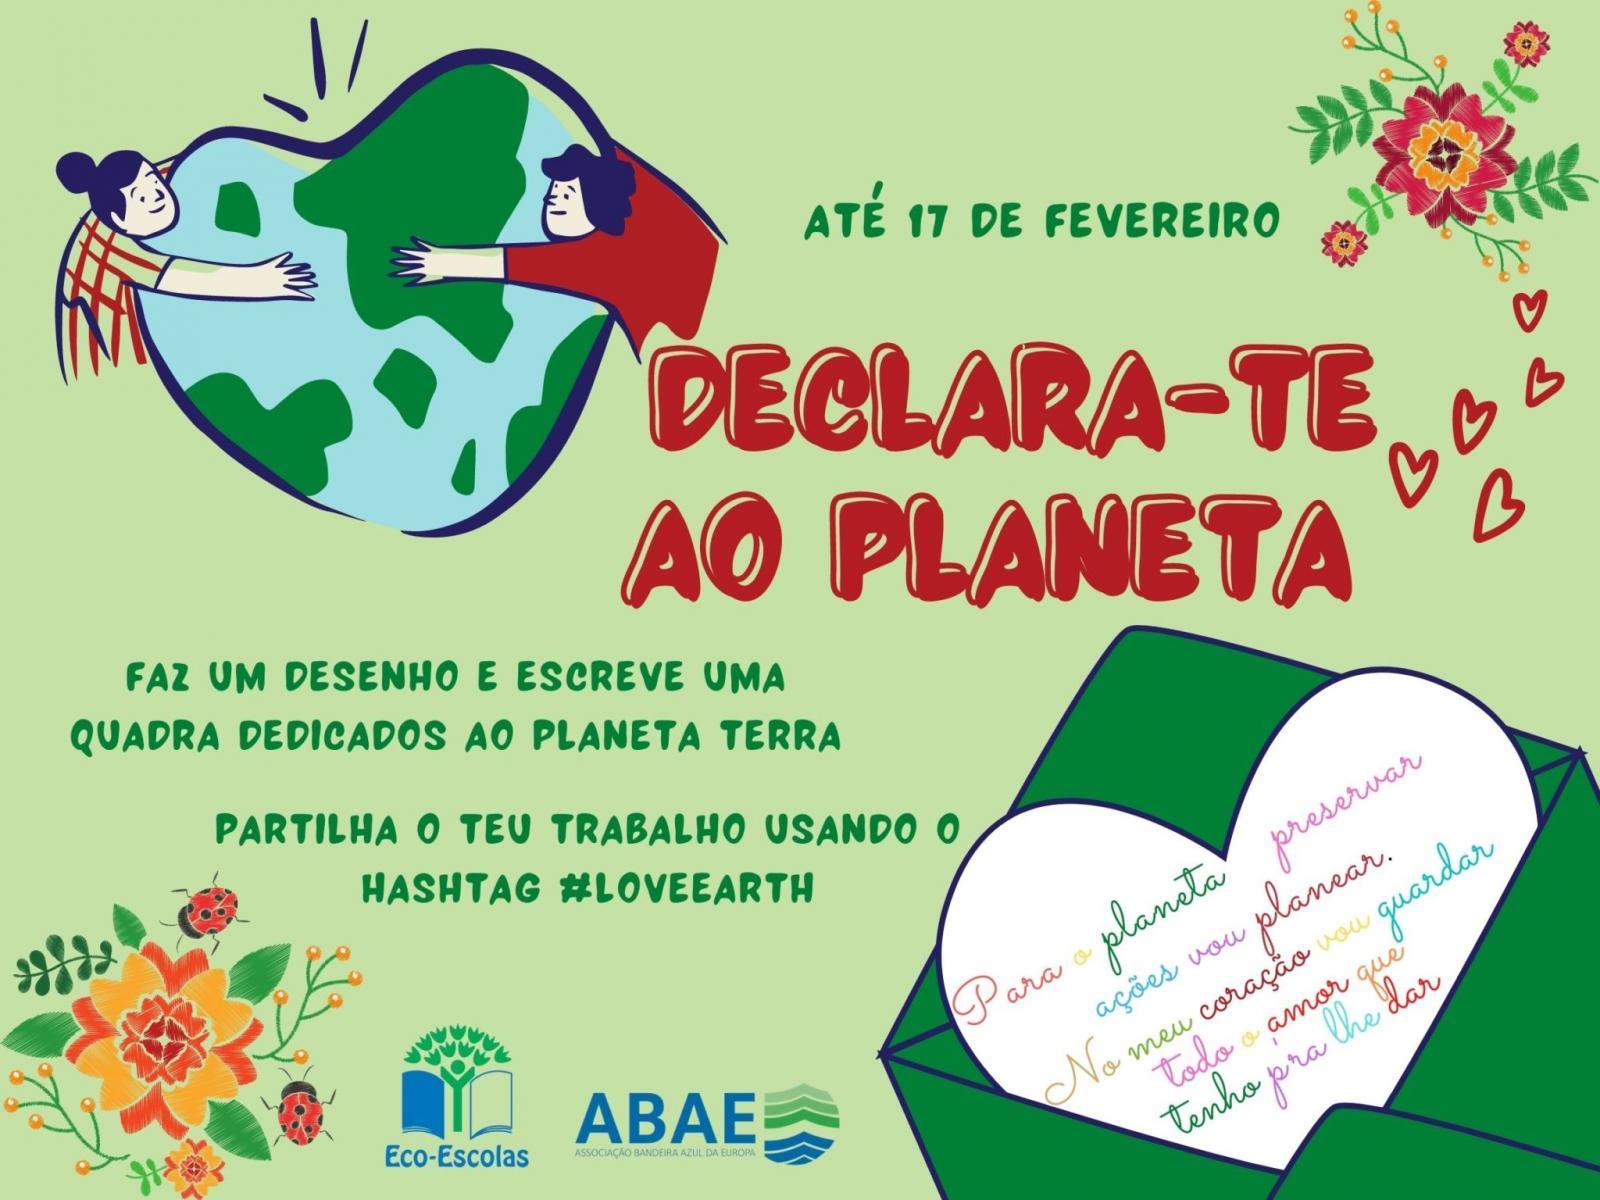 Declara-te ao Planeta!